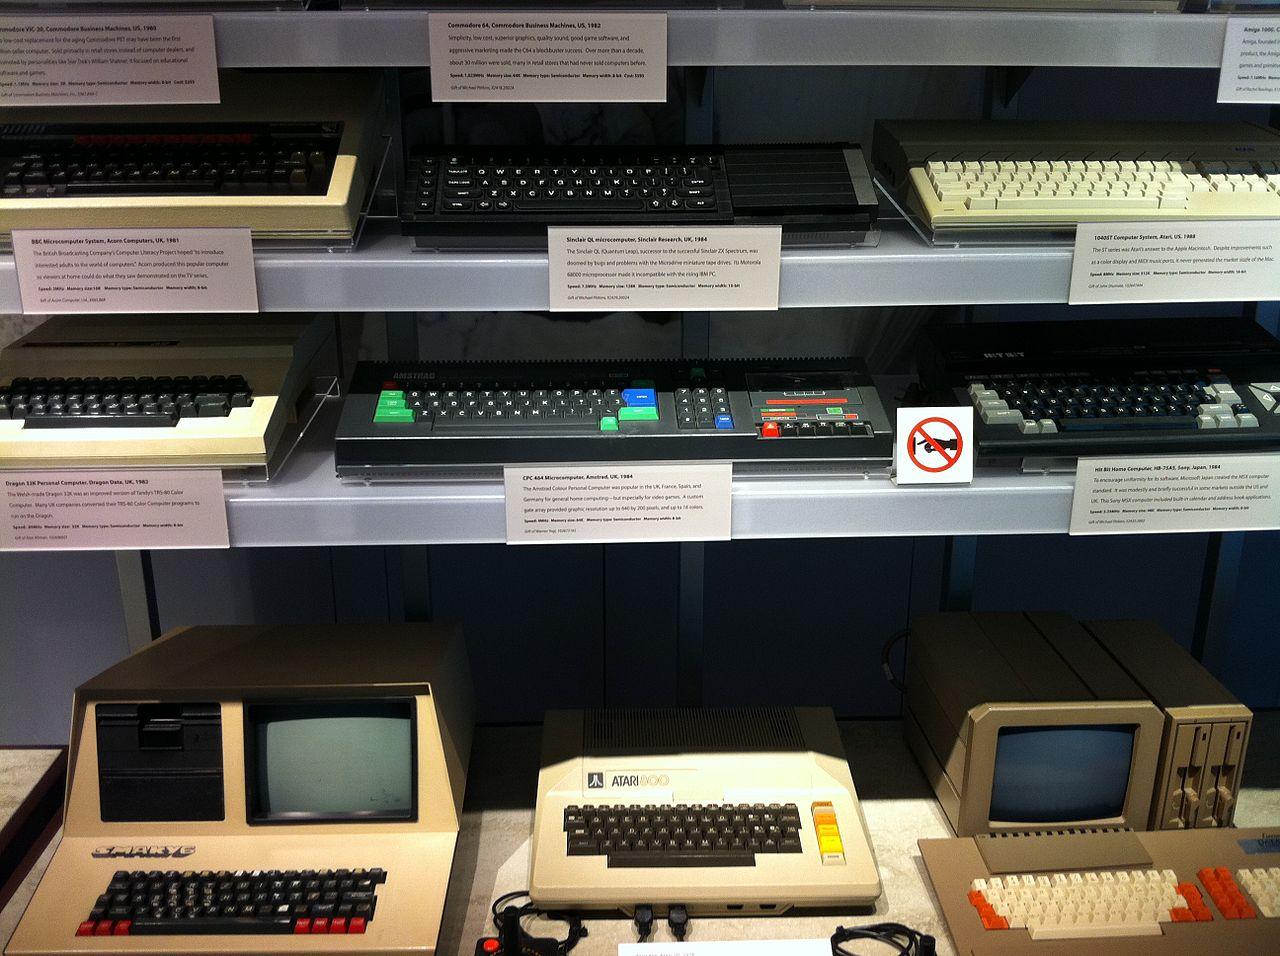 Museu do Computador no Vale do Silício regras